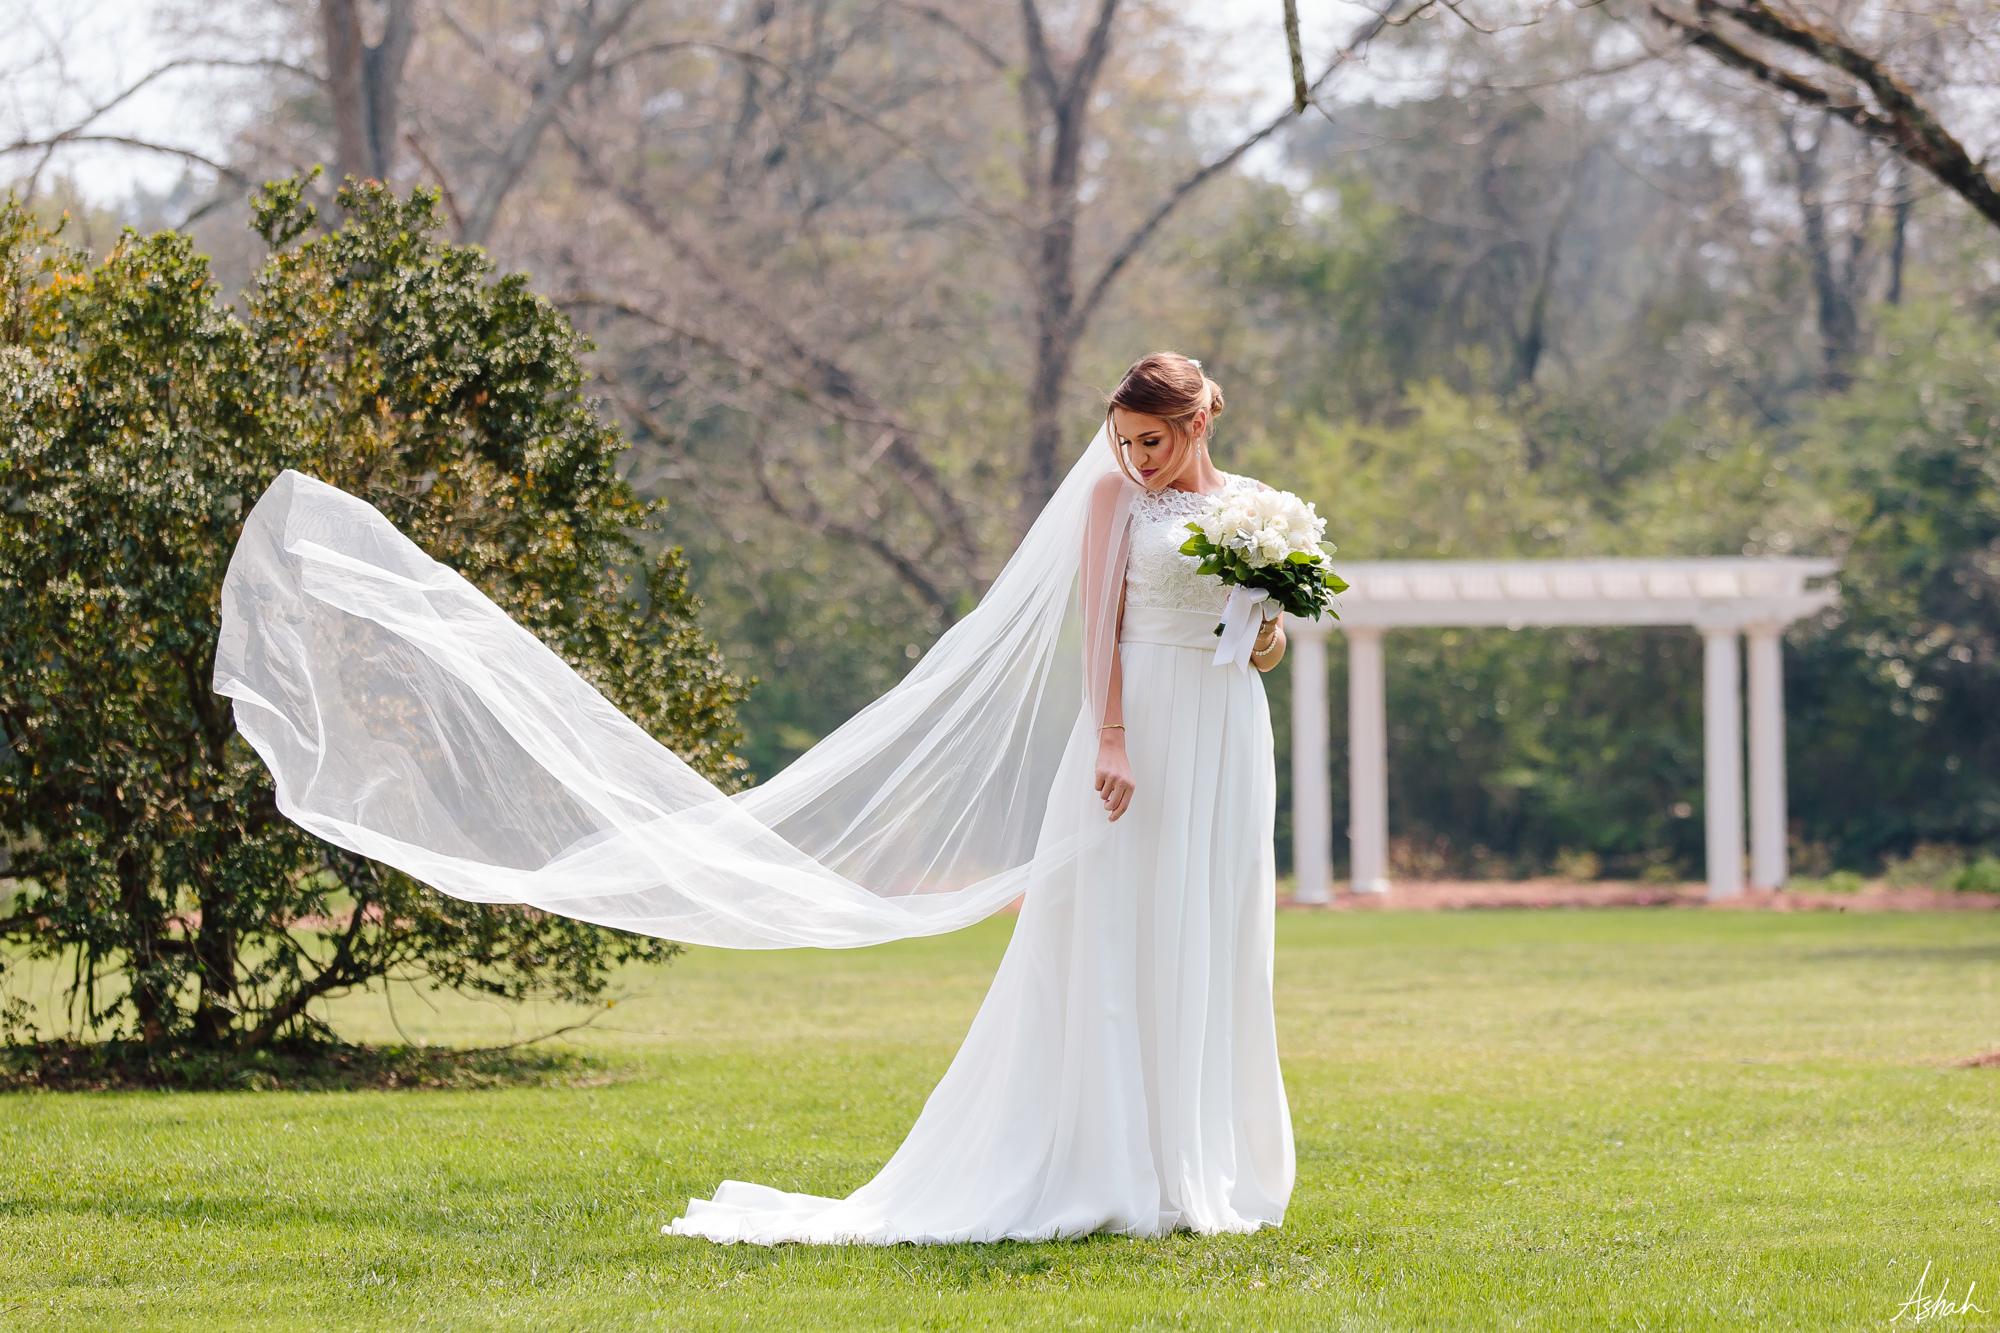 bridegroom019.jpg